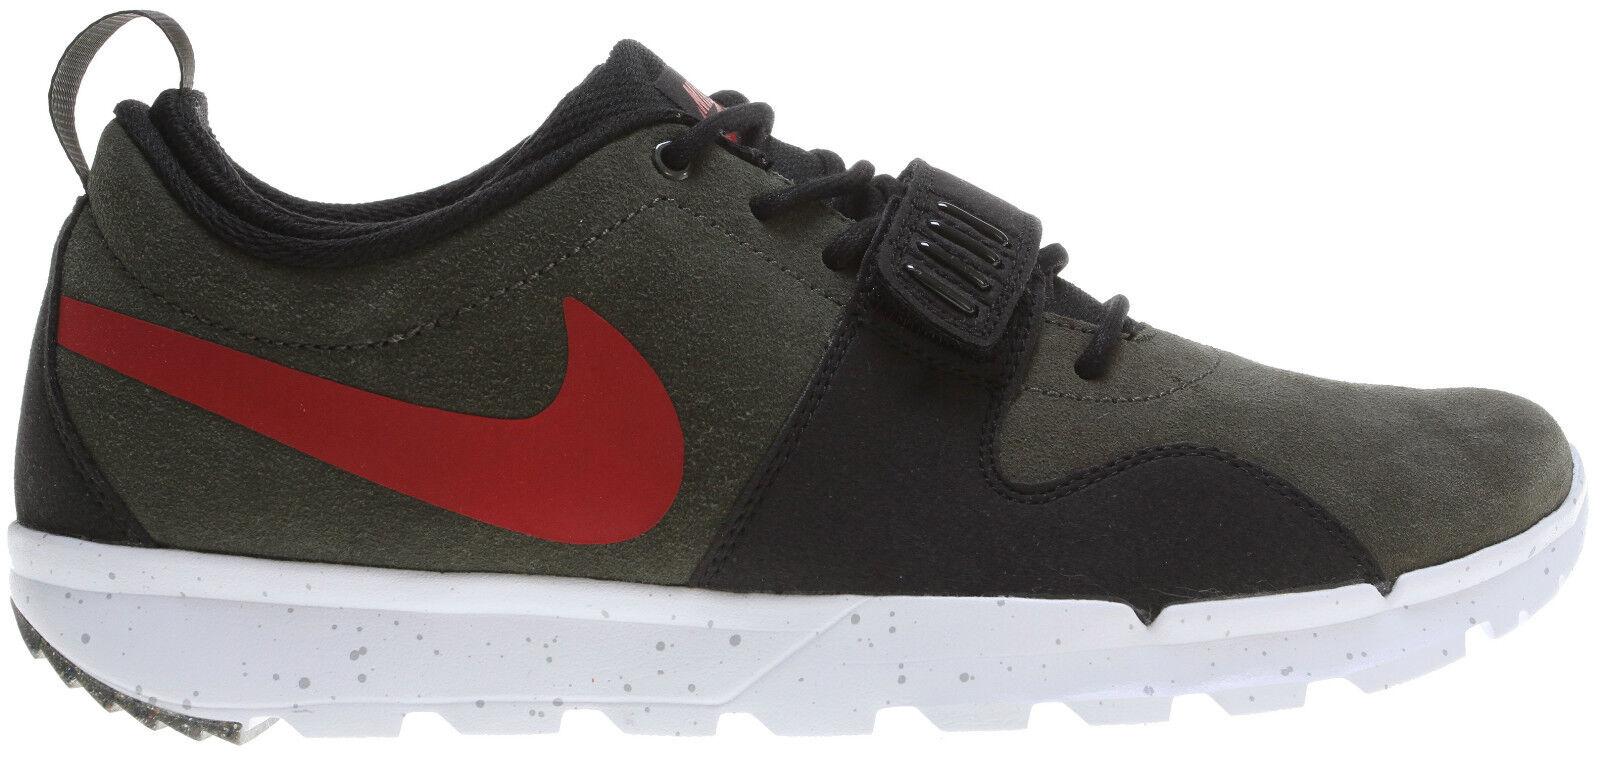 Nike SB Trainerendor - Carré / GYM (eu 47.5) - - 47.5) Neuf avec bo?te 110 95 93 e1025b